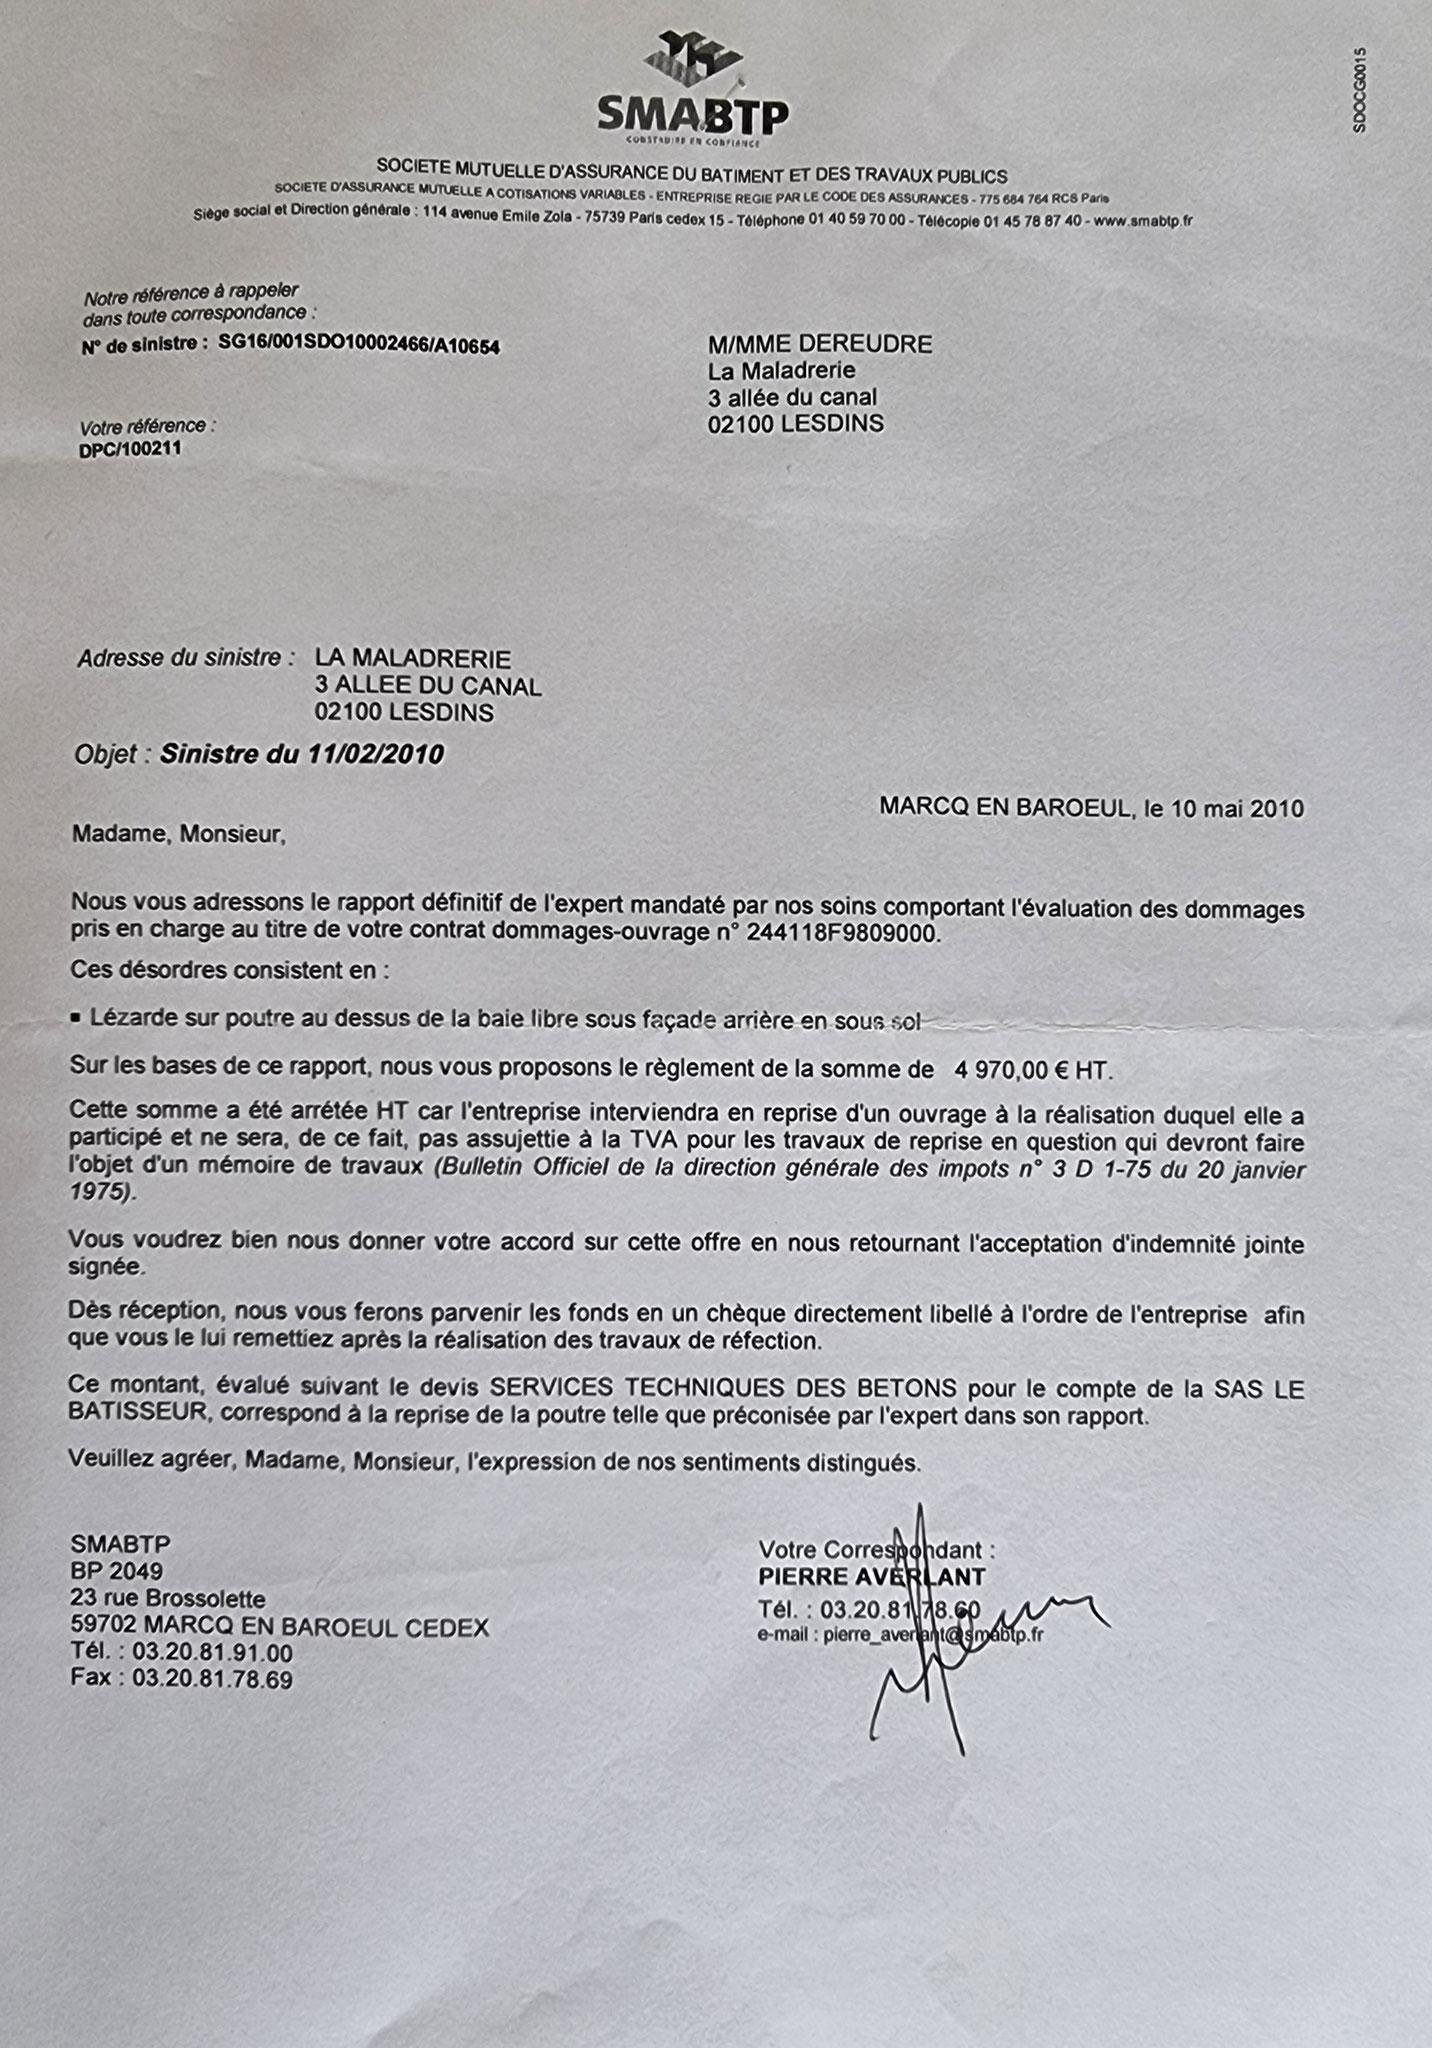 Courrier de la SMABTP de Marcq-en-BAROEUL Cedex du 10 Mai 2010 proposition inacceptable un cataplasme sur une jambe de bois. www.jenesuispasunchien.fr www.jesuisvictime.fr www.jesuispatrick.fr